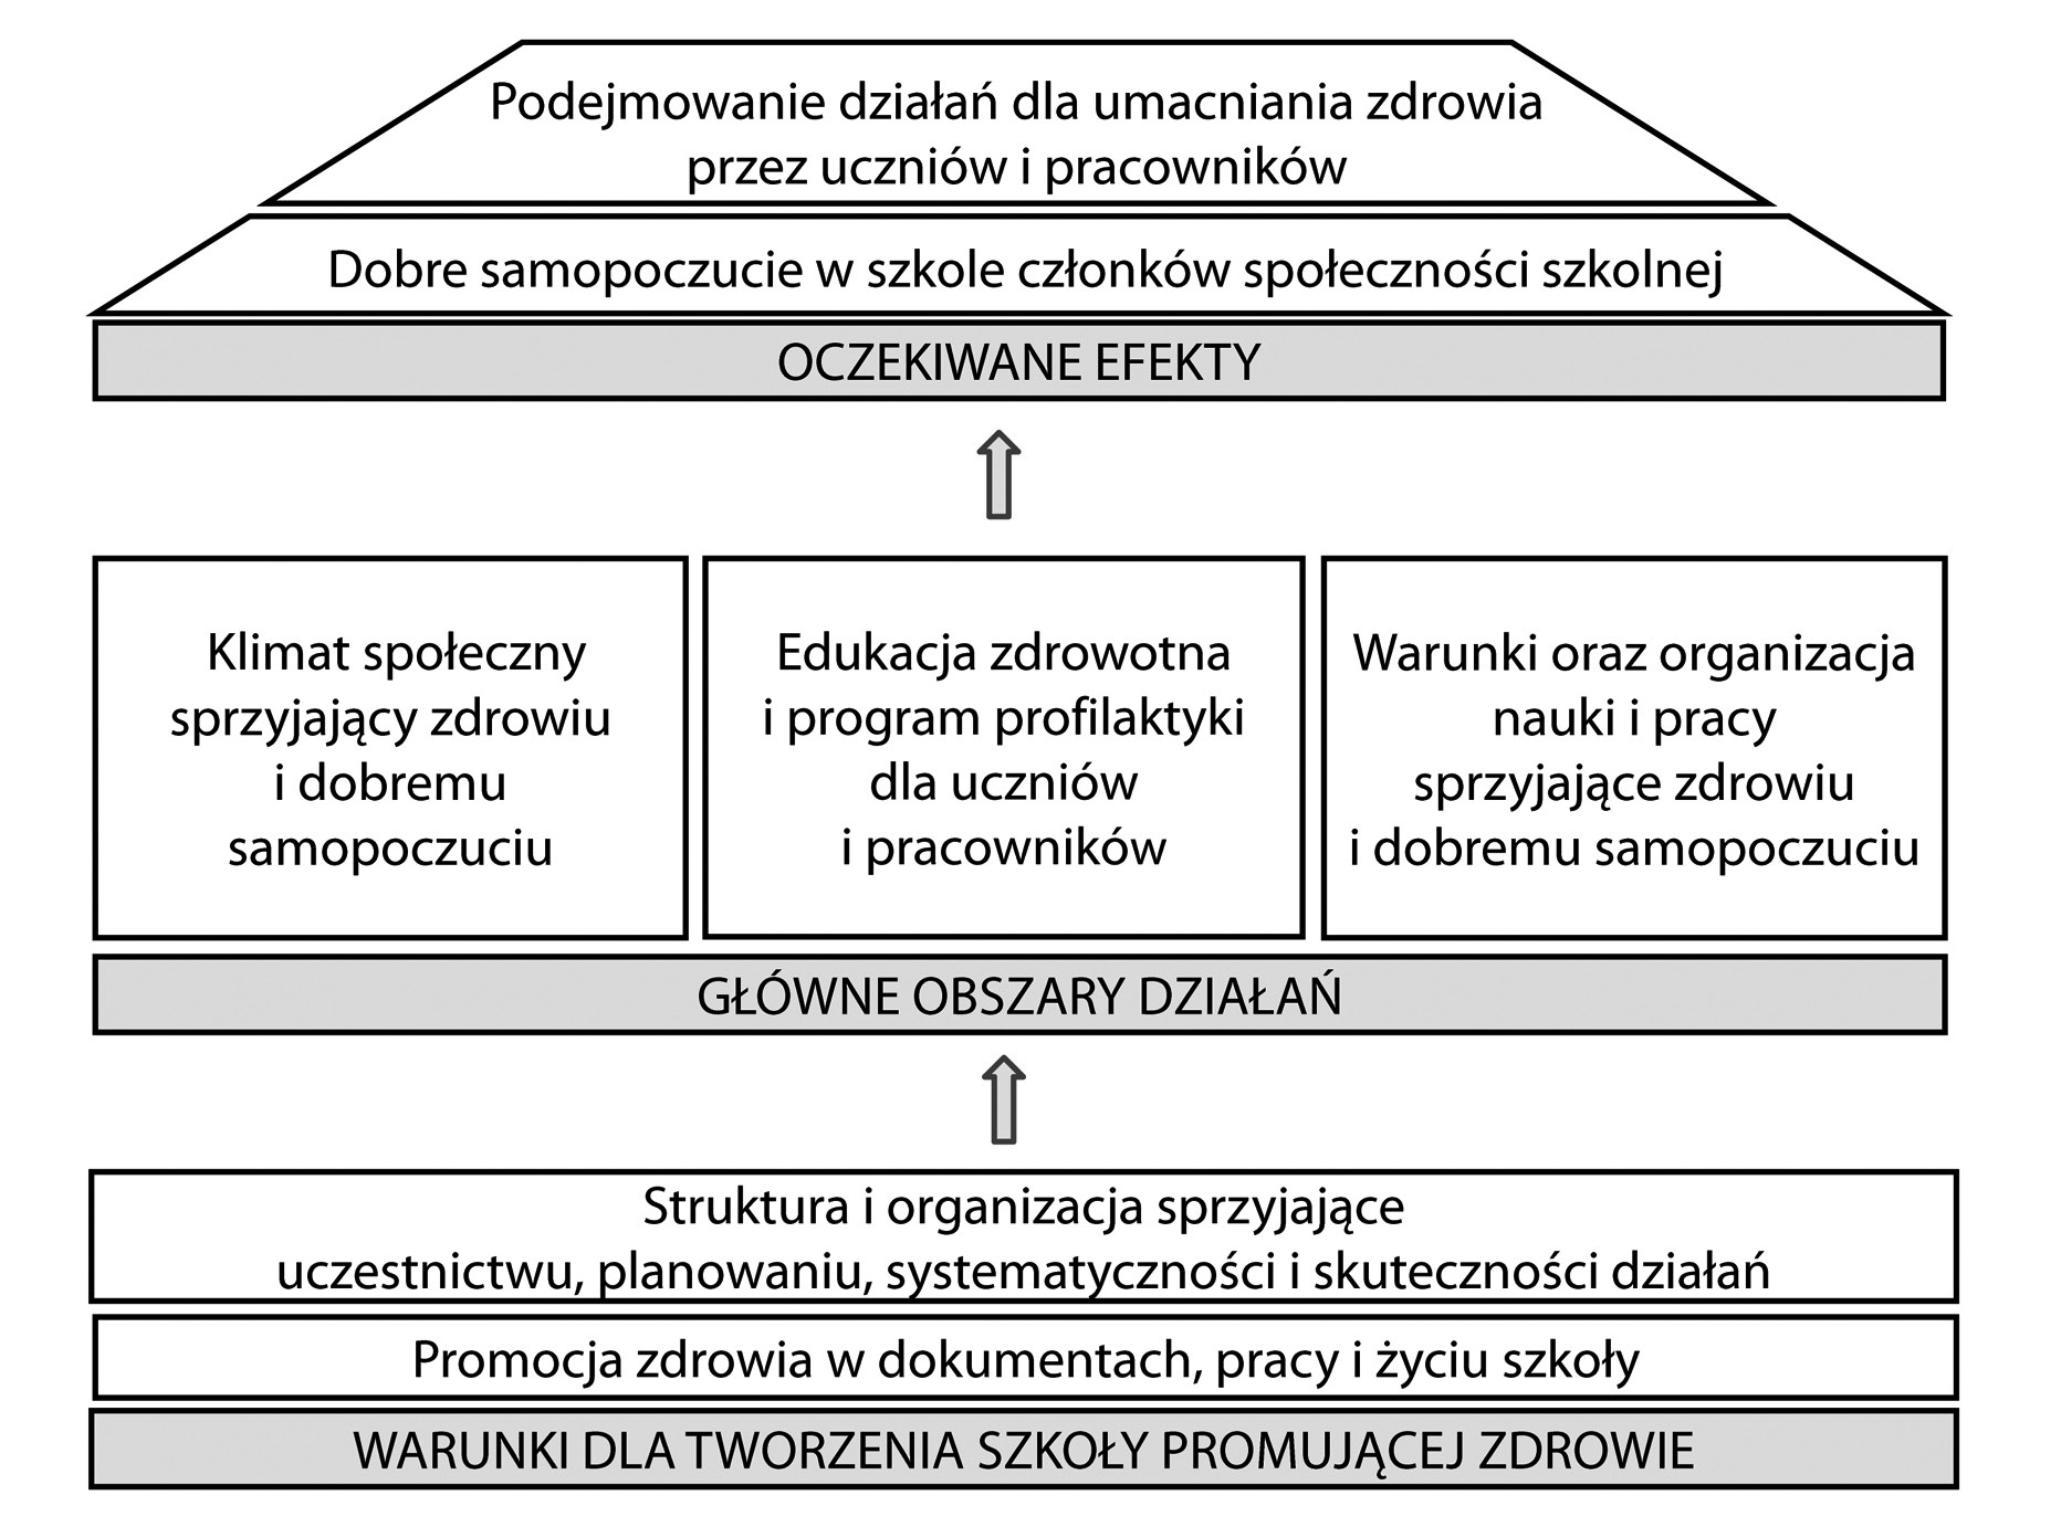 https://m.powiatszczycienski.pl/2019/11/orig/spz-25650.jpg